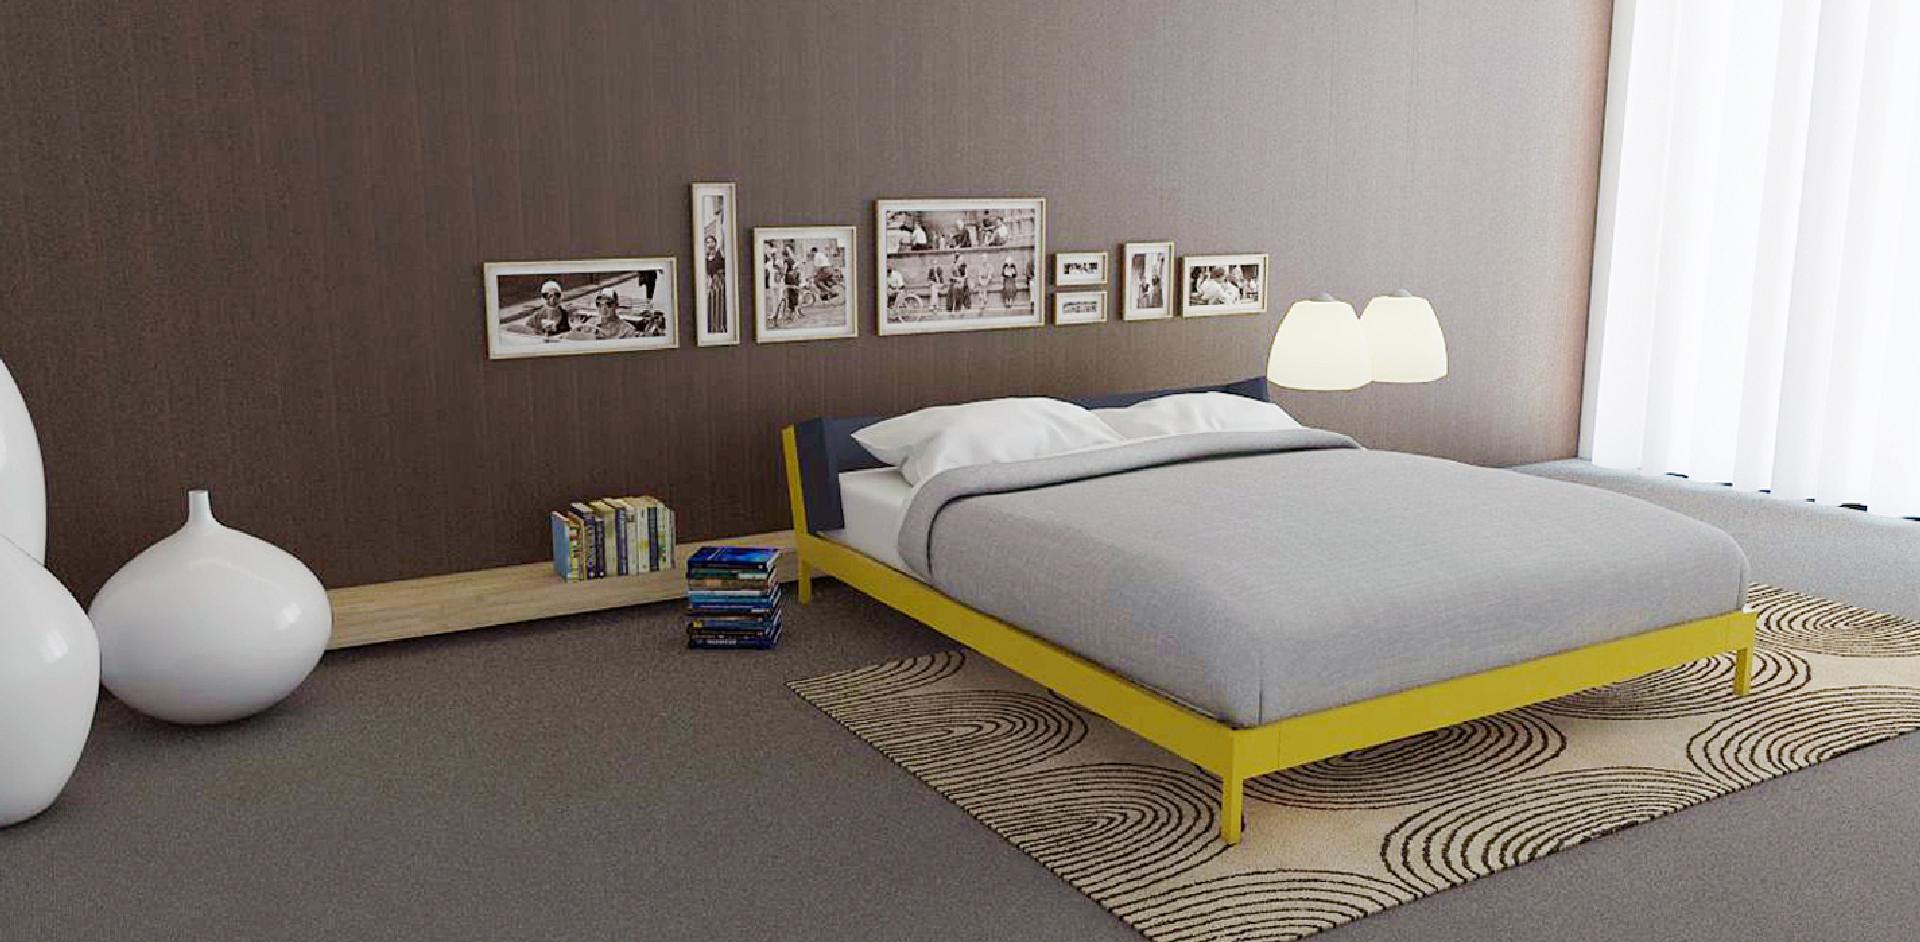 3 Wim Celis Aluminium bed 4_OK